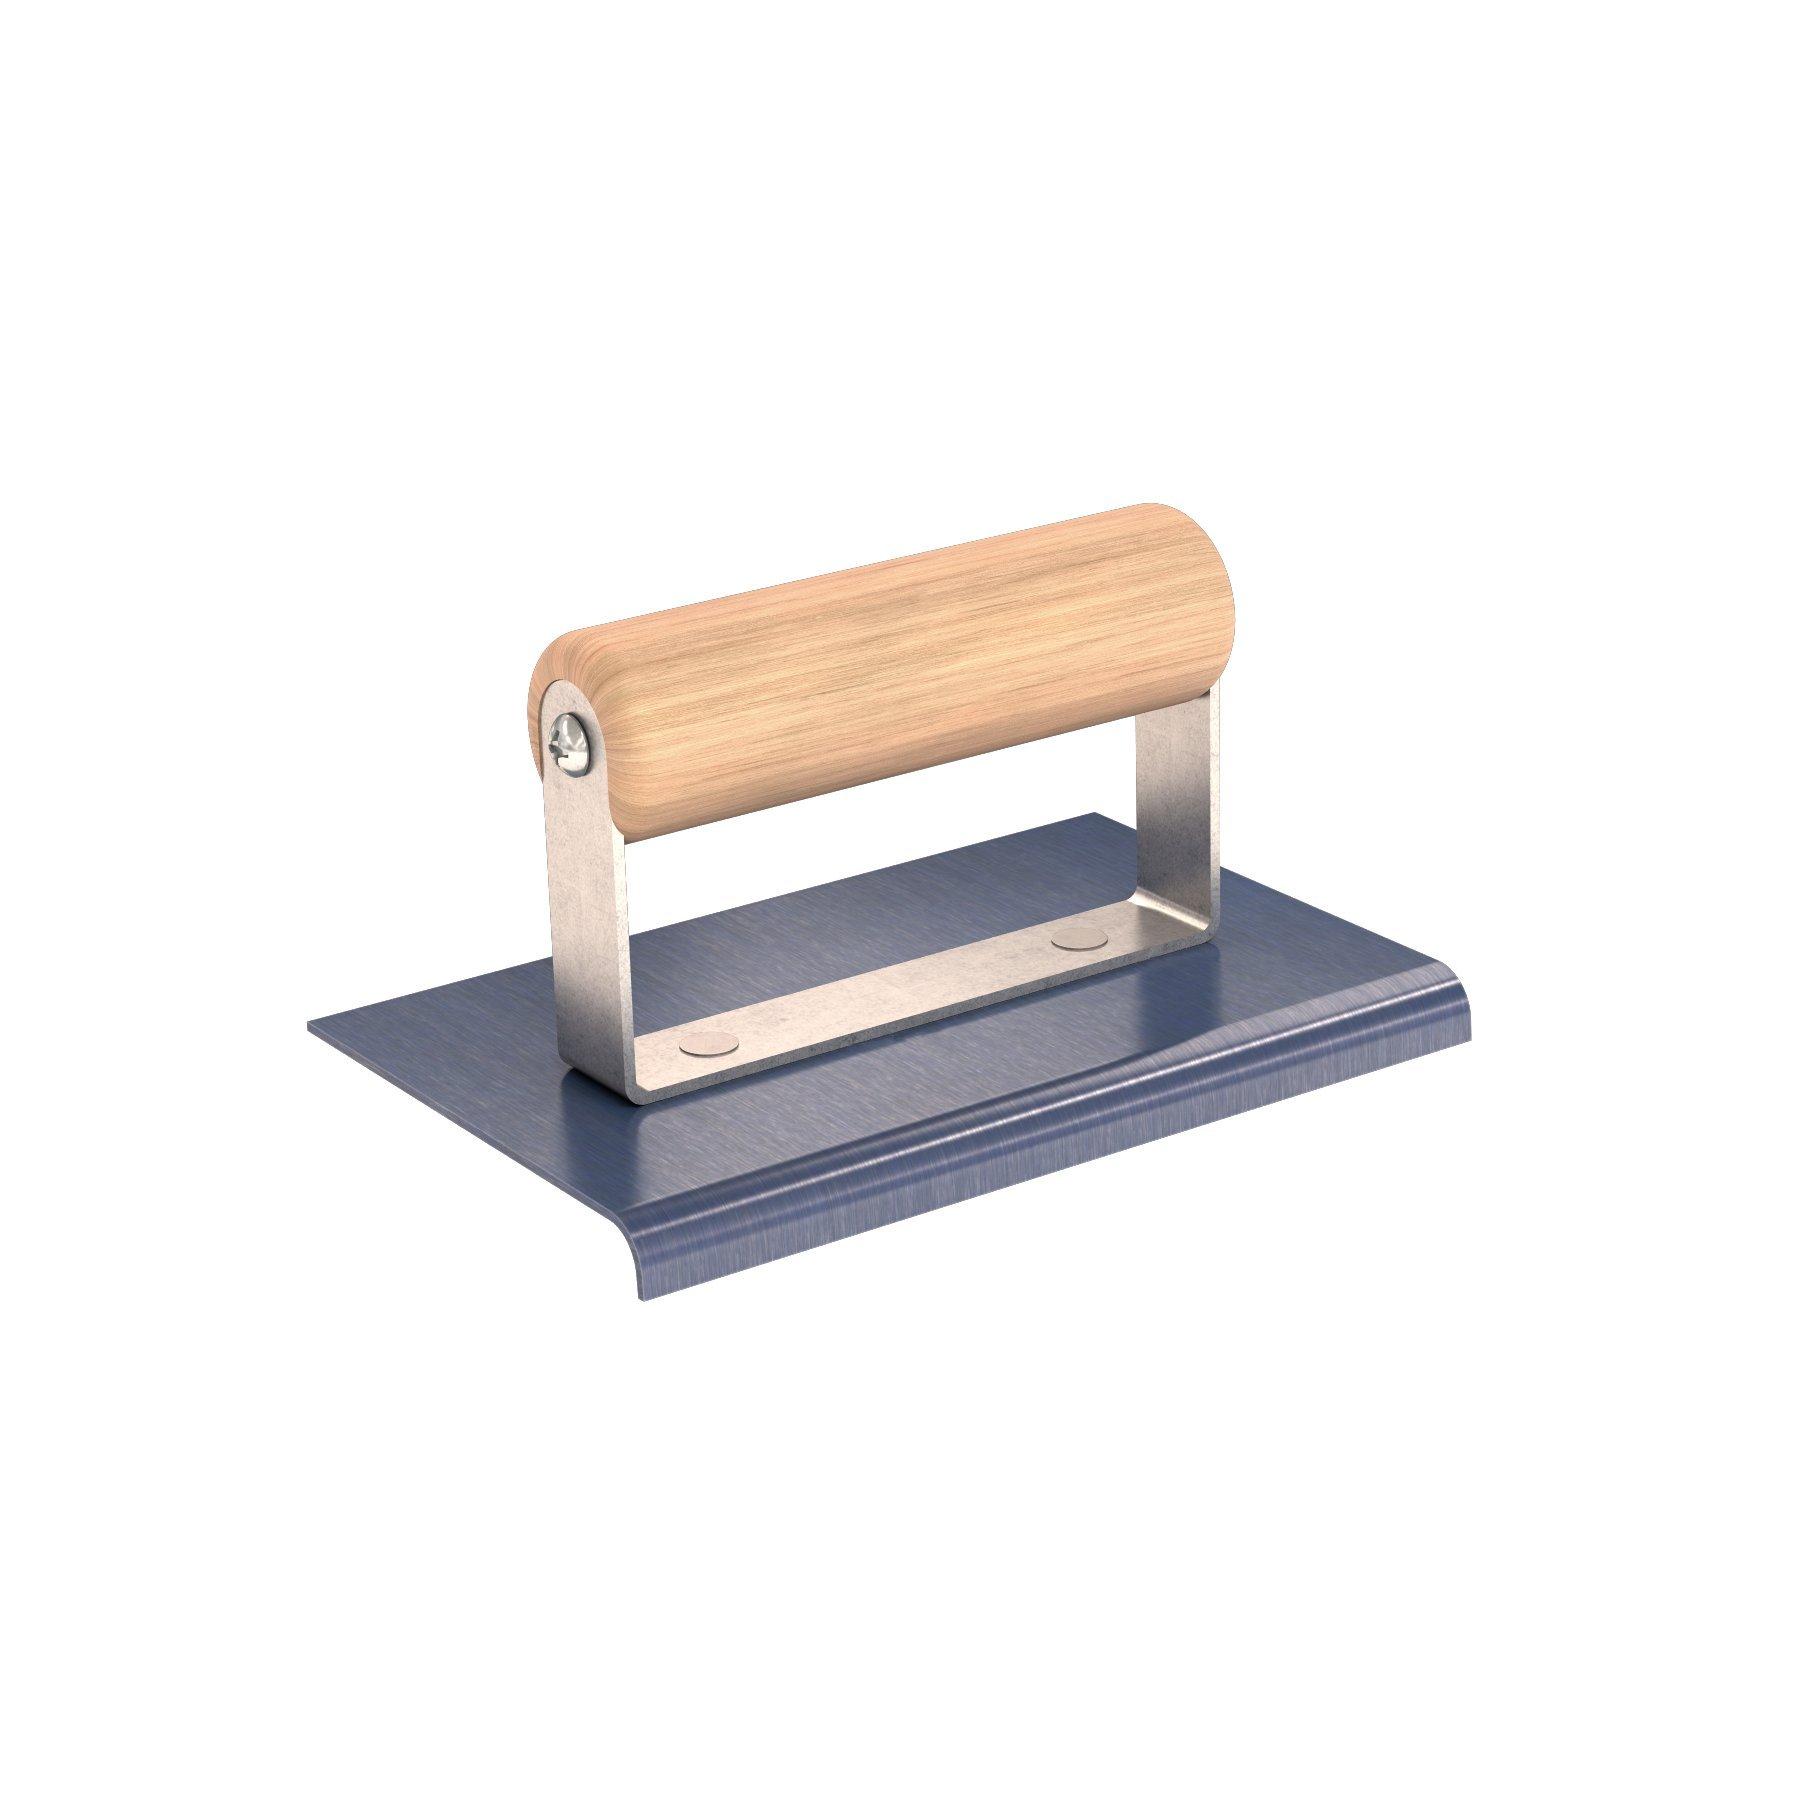 Bon 22-770 6-Inch by 4-Inch Blue Steel Sidewalk Edger, 1/4-Inch Radius, 3/8-Inch Lip with Wooden Handle